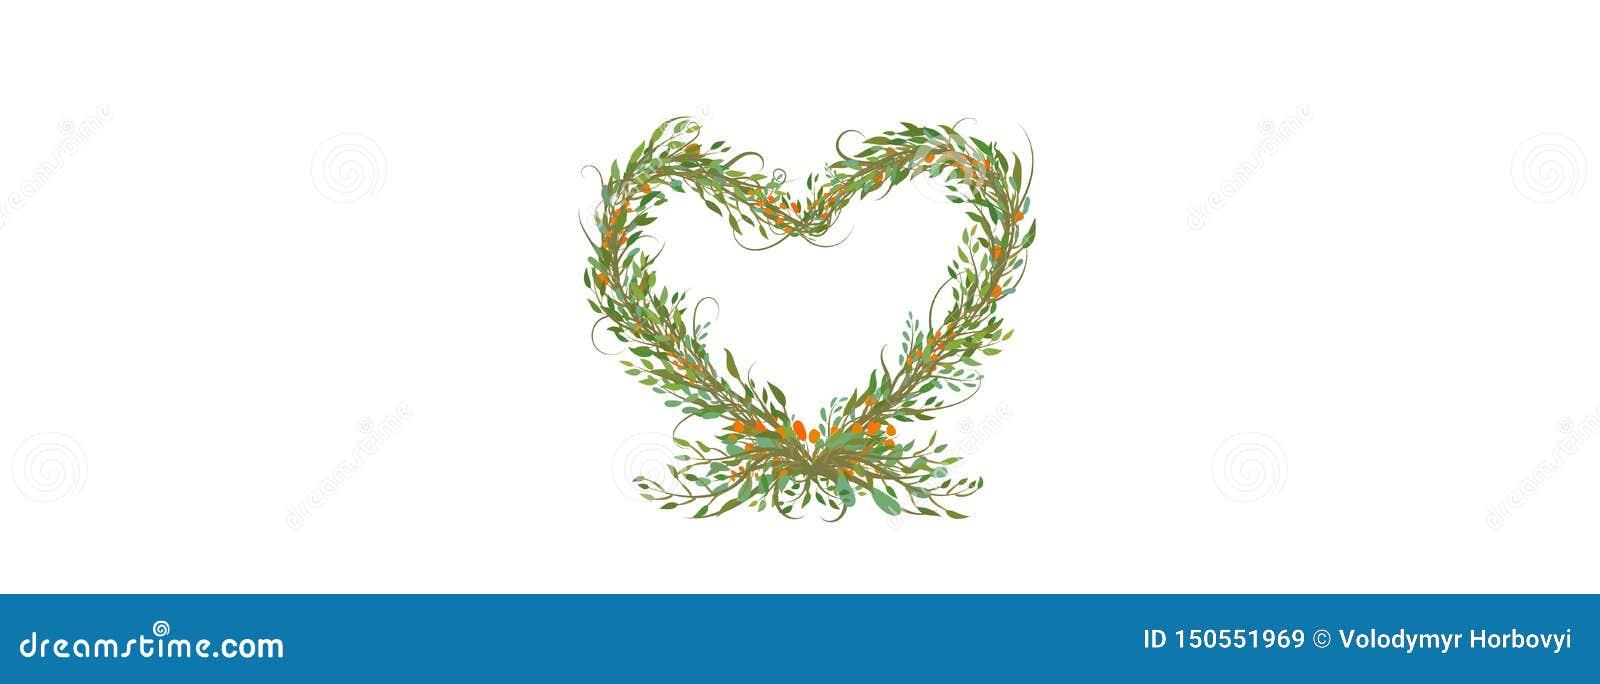 Το διακοσμητικό σύμβολο καρδιών από τους κλάδους και βγάζει φύλλα